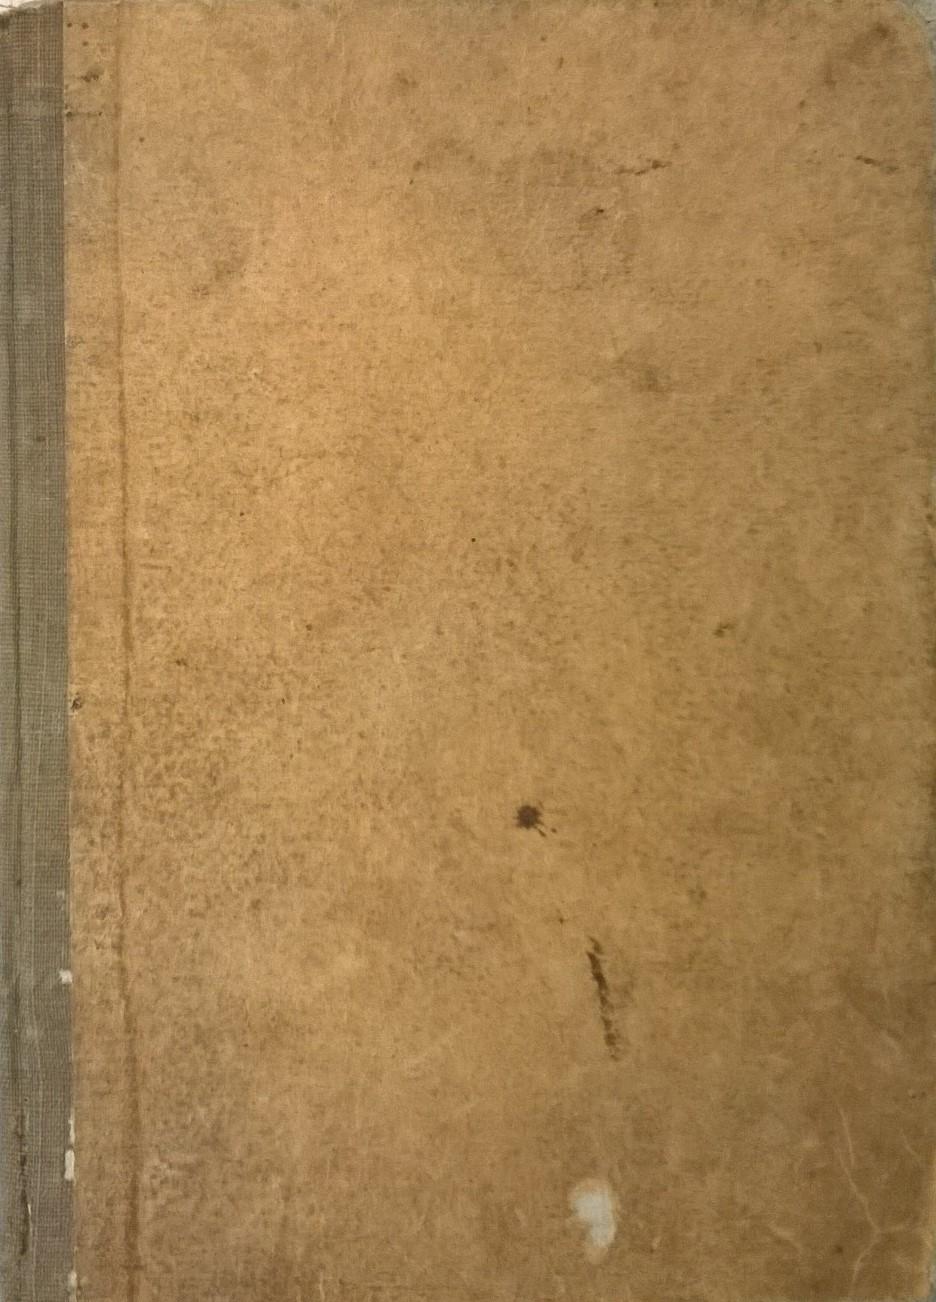 Feragen, A.M. Udmaalingsbog, indeholdende Veiledning til praktisk Udmaaling og Beregning af Flader og Rumstørrelser, med 110 oplysende Tegninger og 112 Øvelsesopgaver